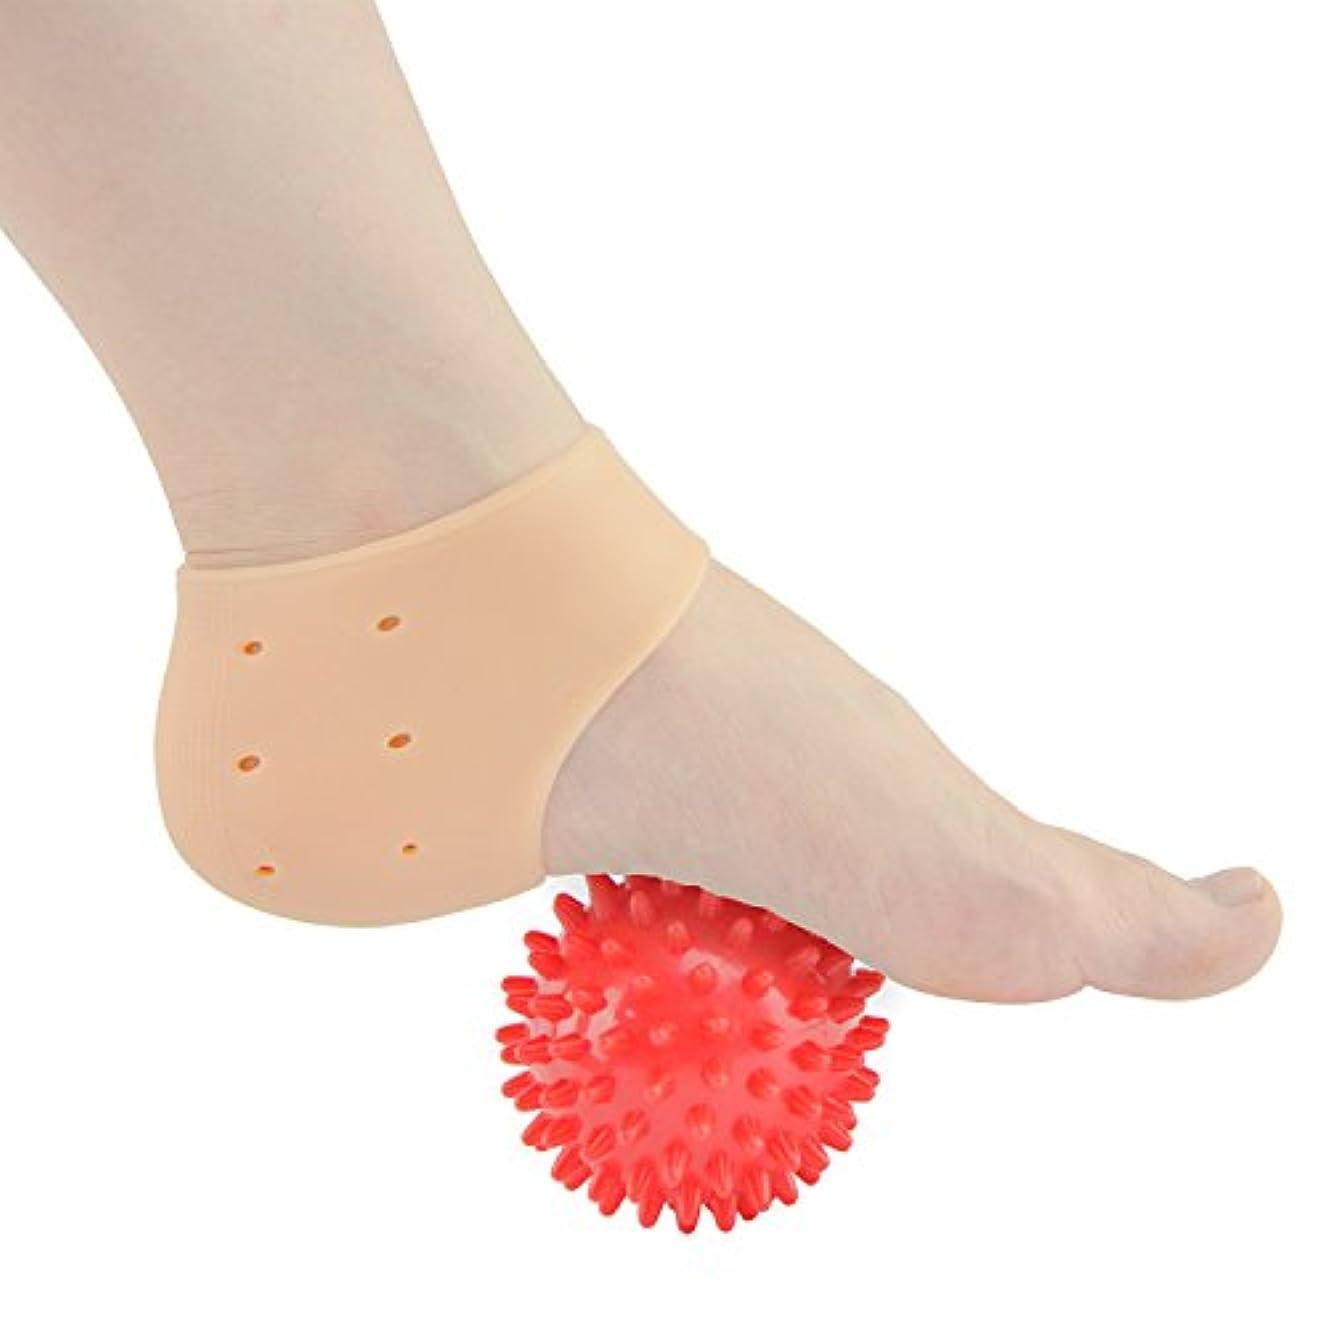 復活する画面過度にSumifun かかと保護カバー, 足底筋膜炎治療ラップジェルスリーブフットマッサージ足痛み軽減 かかと痛サポーター 衝撃吸収 ジェルサポーター かかとケア 美足 保湿 かかと靴下